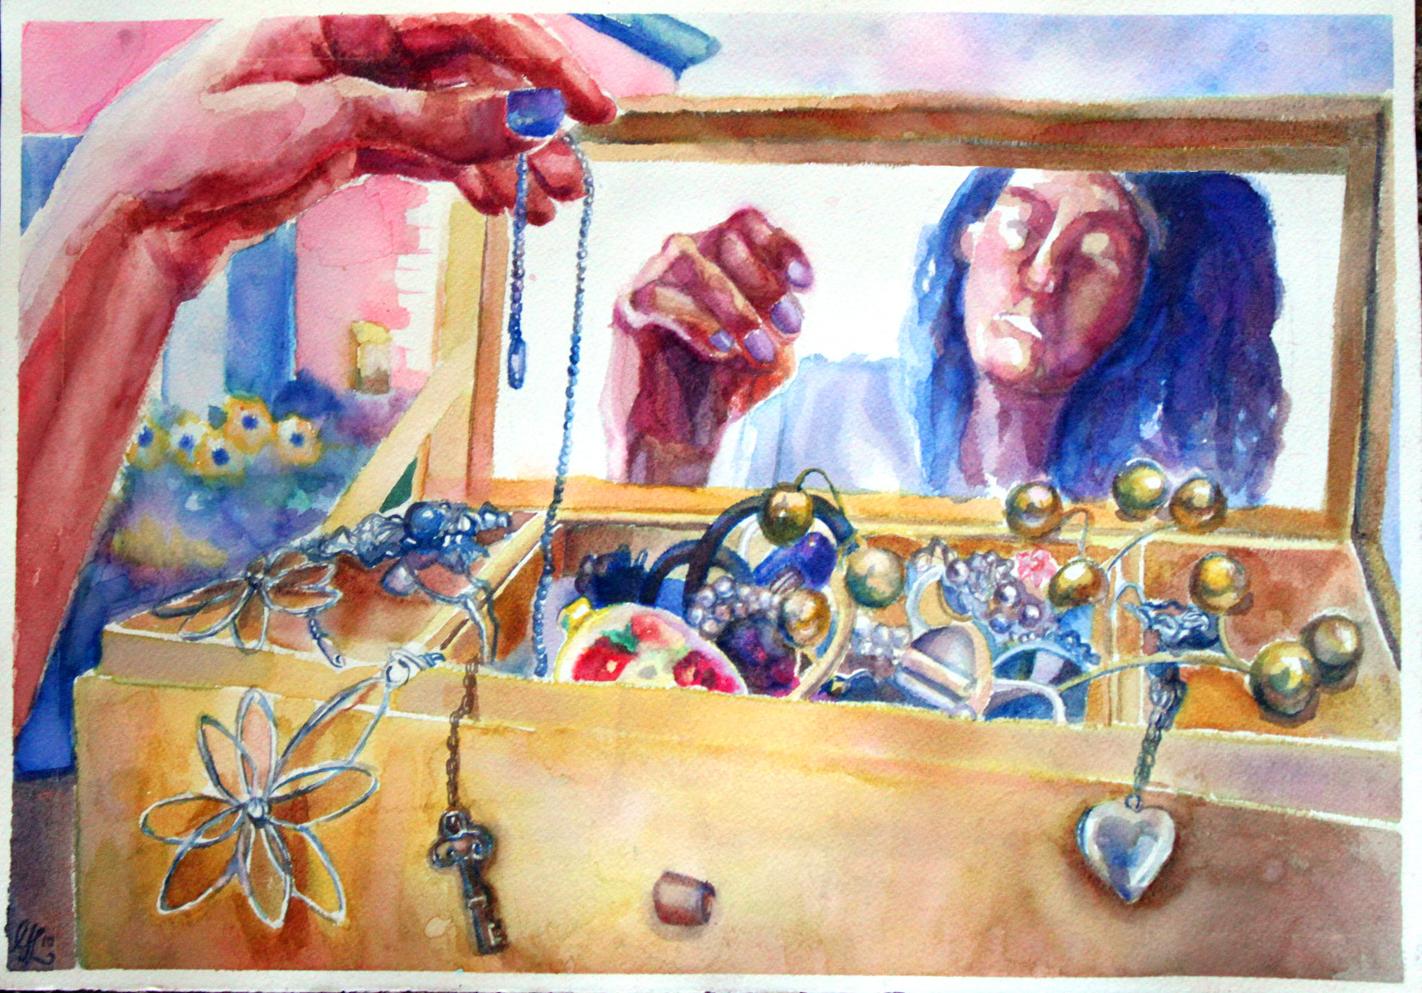 Feminine Mystique Paintings (2011)